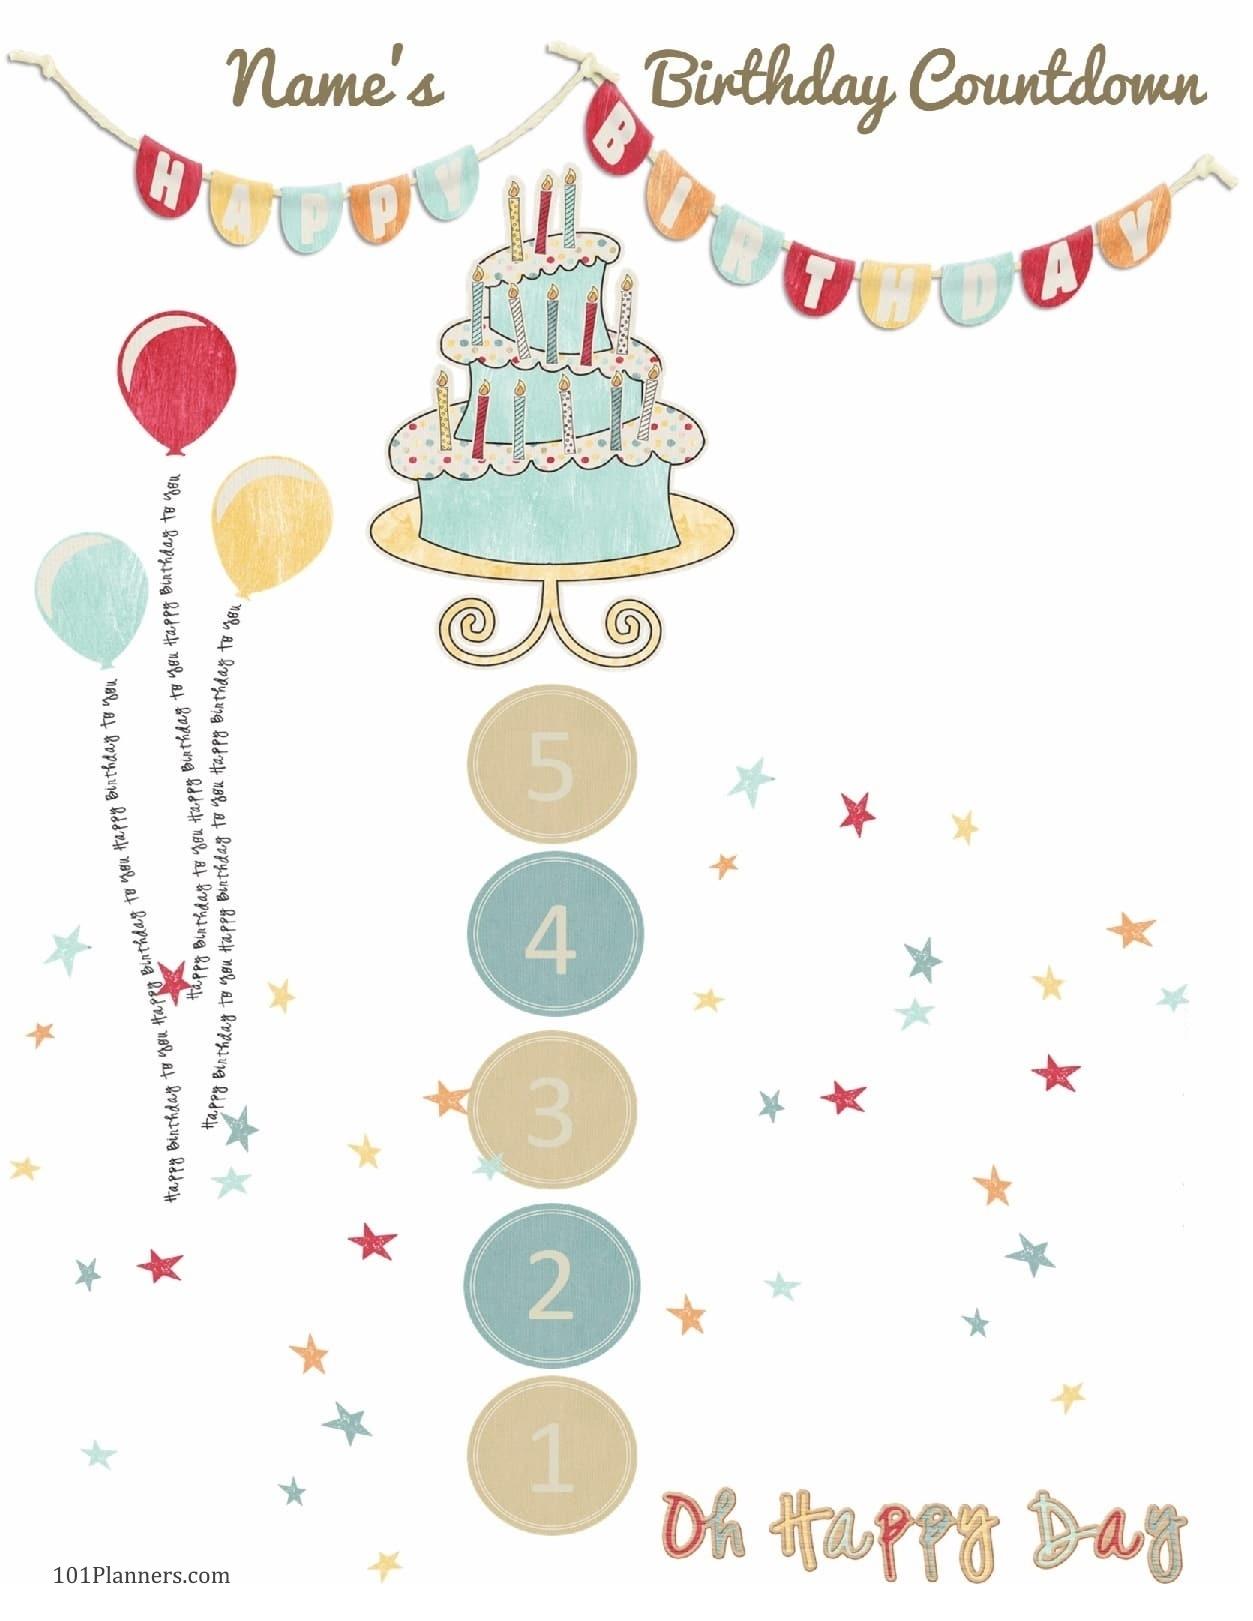 Free Printable Birthday Countdown | Customize Online_Birthday Calendar Countdown Printable